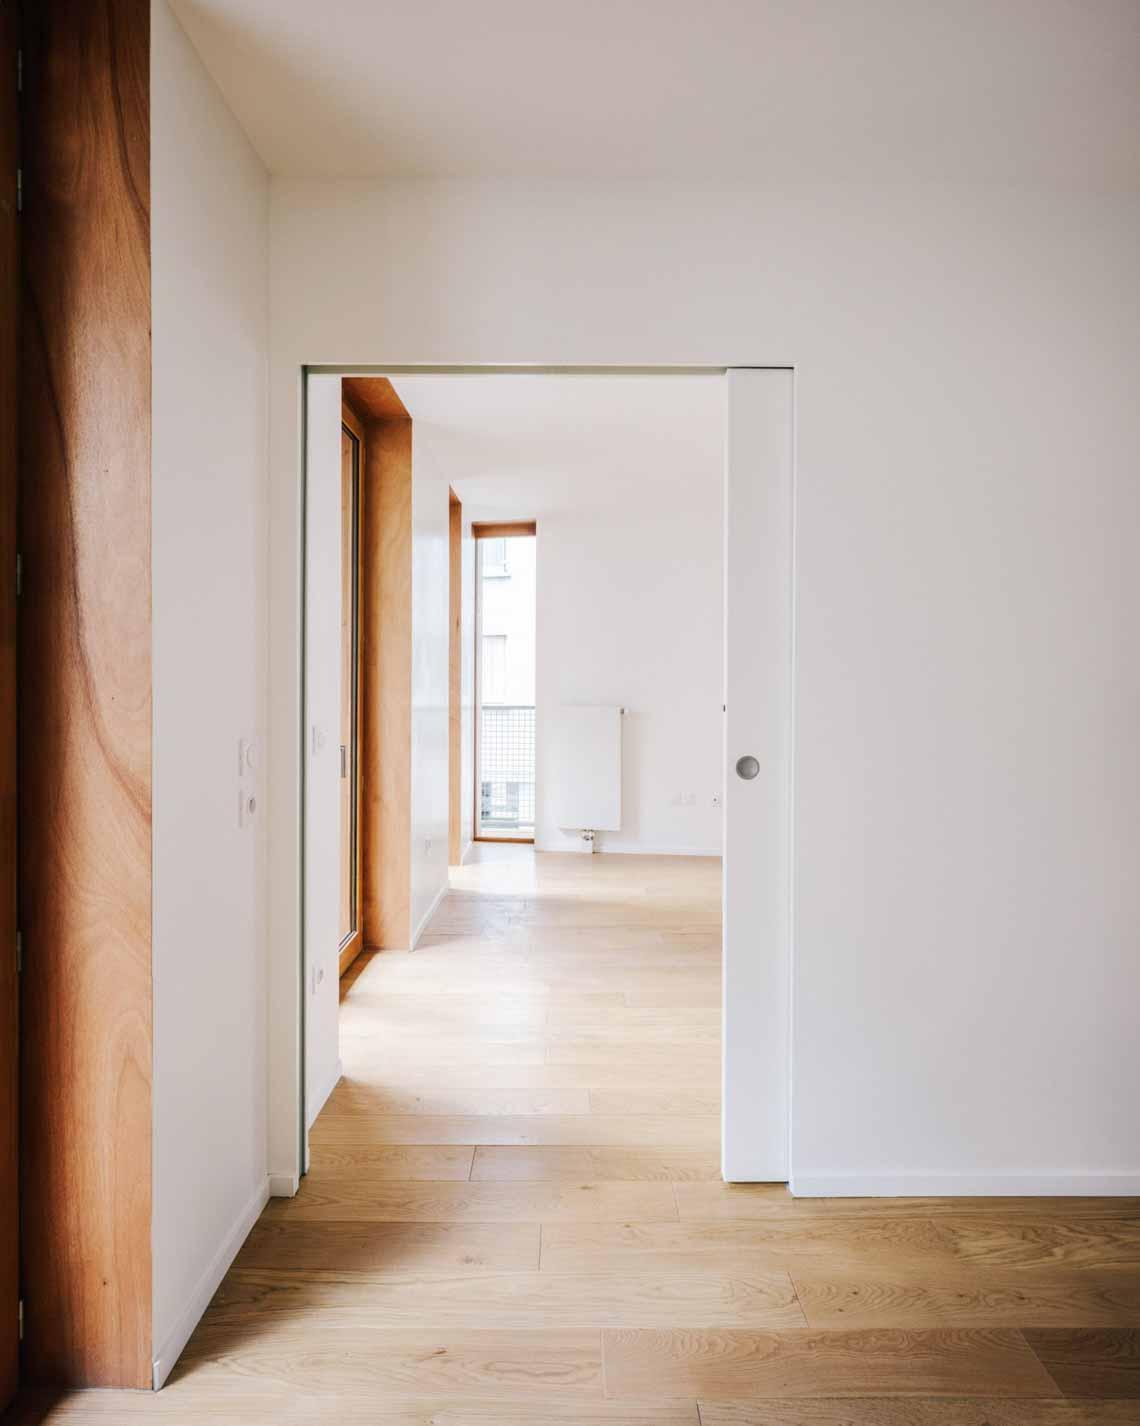 Tòa nhà căn hộ bằng gỗ với thiết kế mang phong cách Nhật Bản - 14